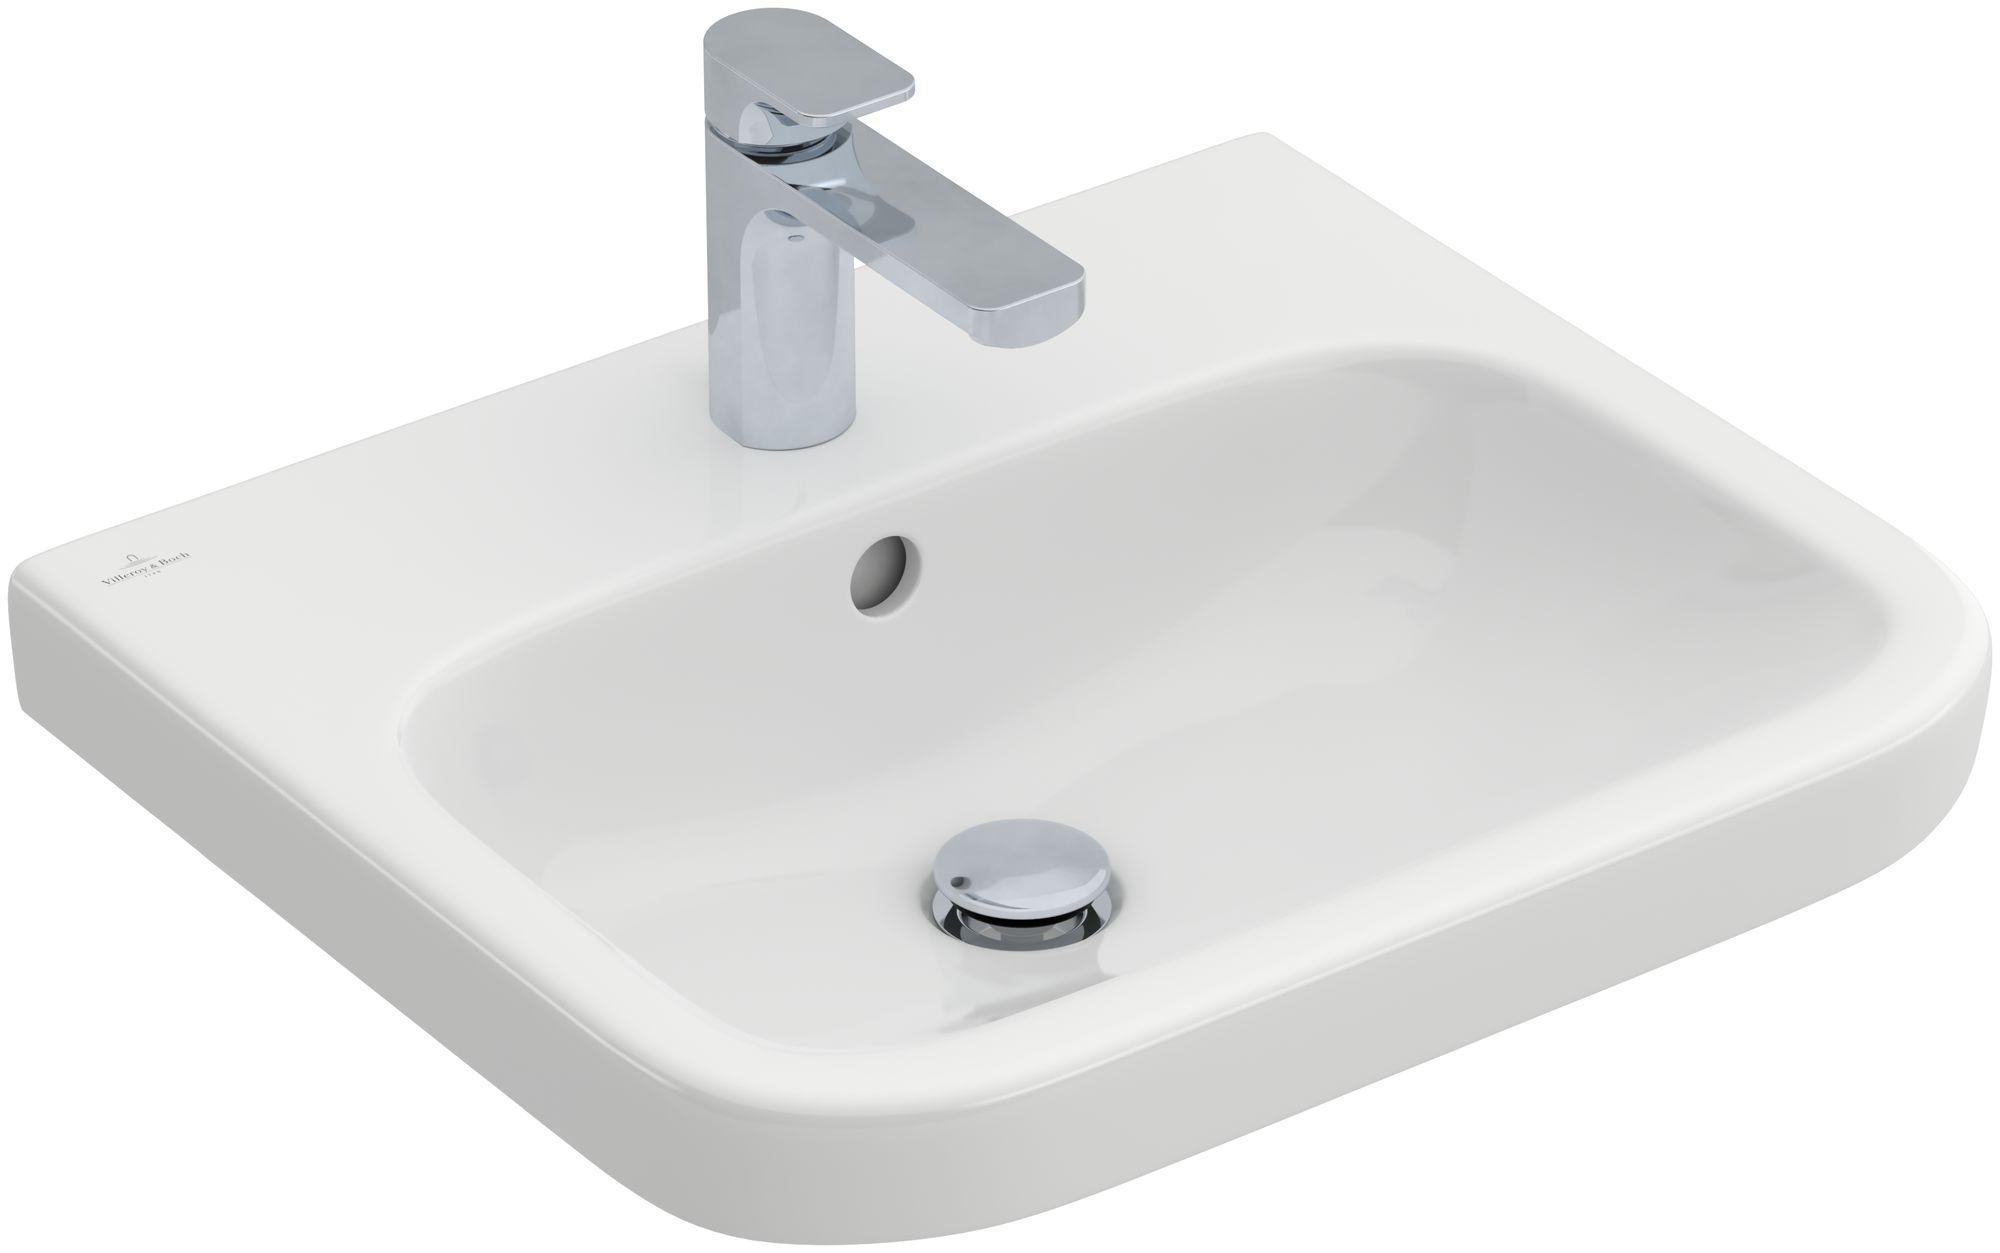 Villeroy & Boch Architectura Waschtisch B:55xT:47cm mit 1 Hahnloch mit Überlauf Unterseite geschliffen weiß mit CeramicPlus 41885GR1